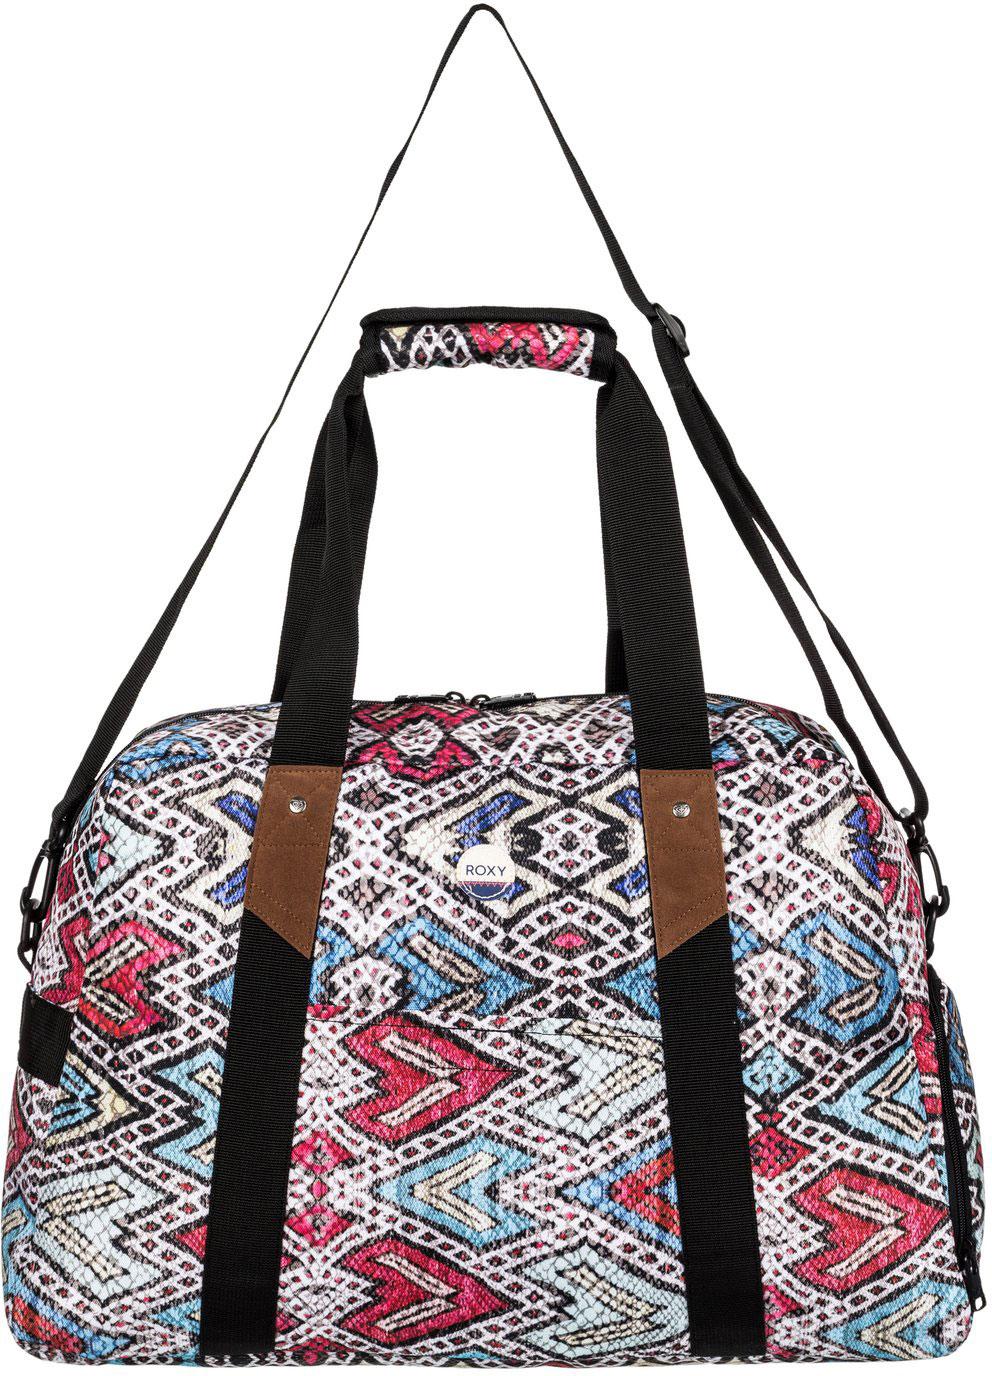 Сумка женская Roxy Sugar It Up, цвет: синий, красный. ERJBP03410-BLA6KV996OPY/MЖенская сумка на плечо от Roxy выполнена из полиэстера. Модель застегивается на молнию, дополнена боковым карманом для обуви, ручкой для переноски в руках с мягким чехлом на липучке Velcro, сеточными вставками и хлопчатобумажной нашивкой. Заплечная лямка съемная и регулируемая в длину.